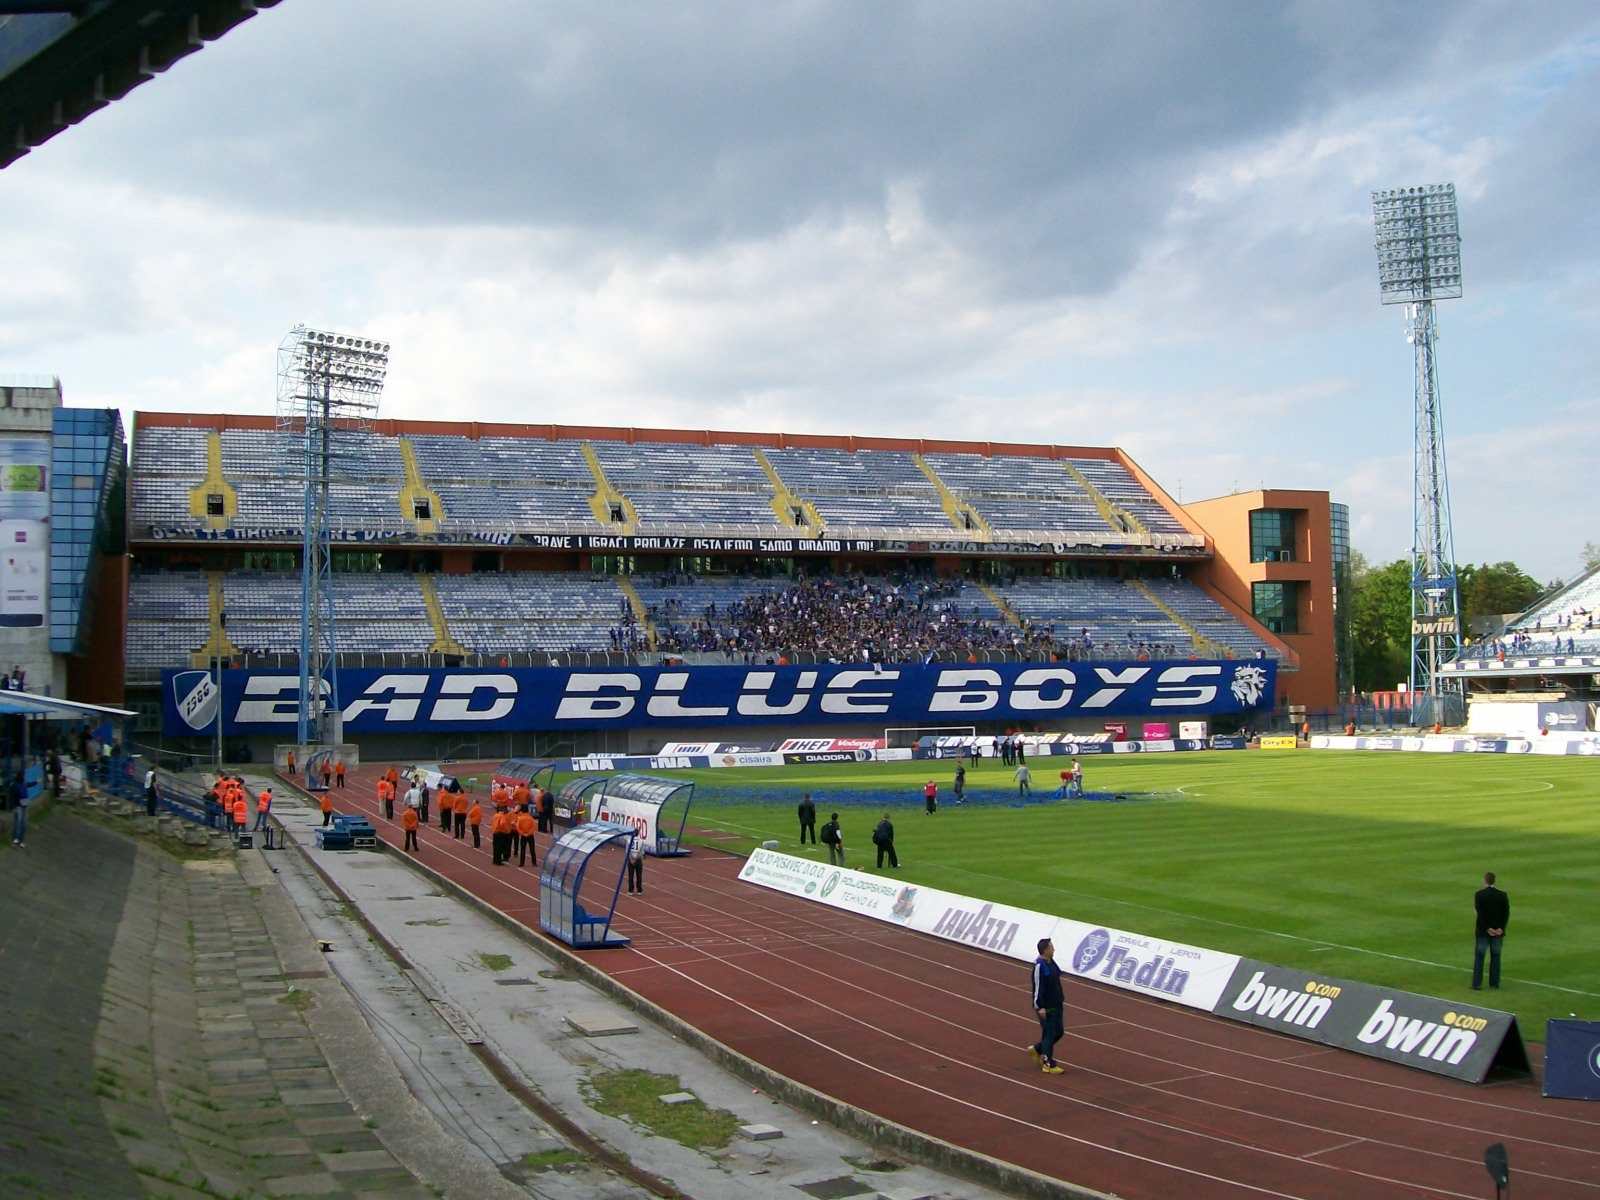 File:Stadion Maksimir Sjever.jpg - Wikimedia Commons